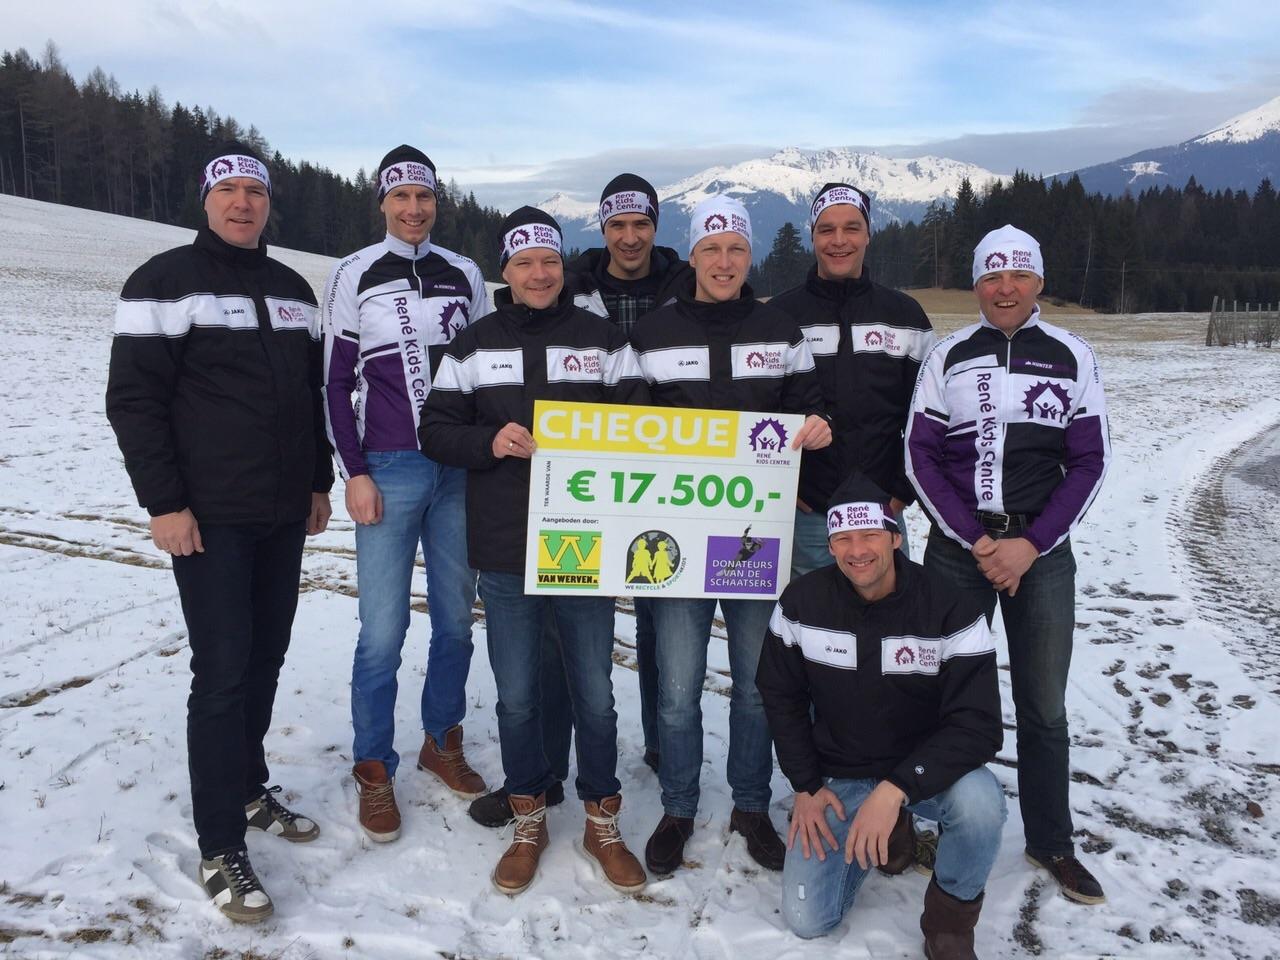 Schaatsen op de Weissensee: 17.500 euro voor René Kids Centre!